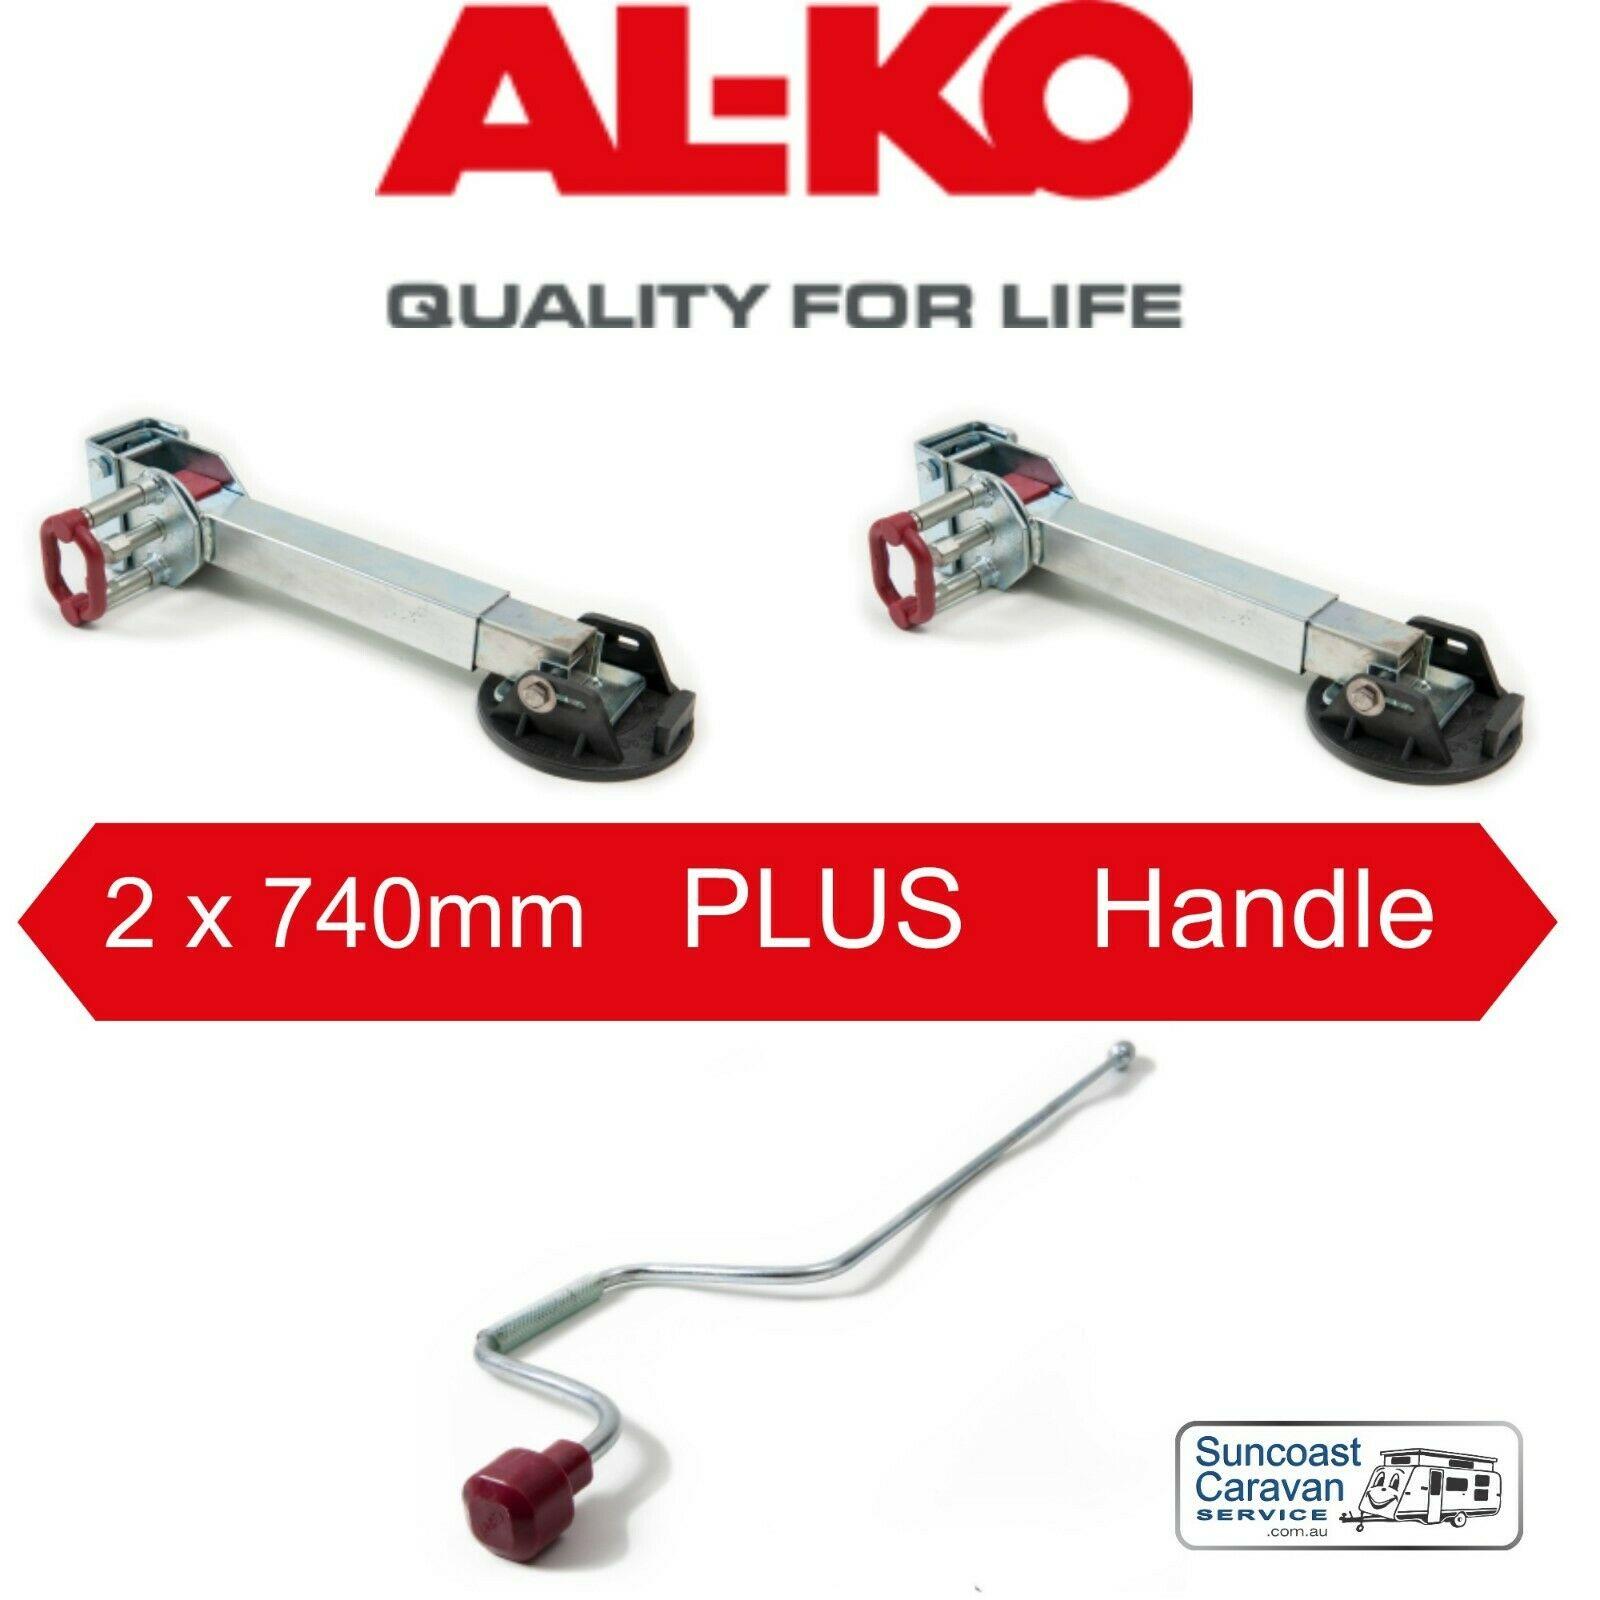 ALKO 2 x 740mm Corner Steady Drop Down Legs PLUS 1 x 800mm